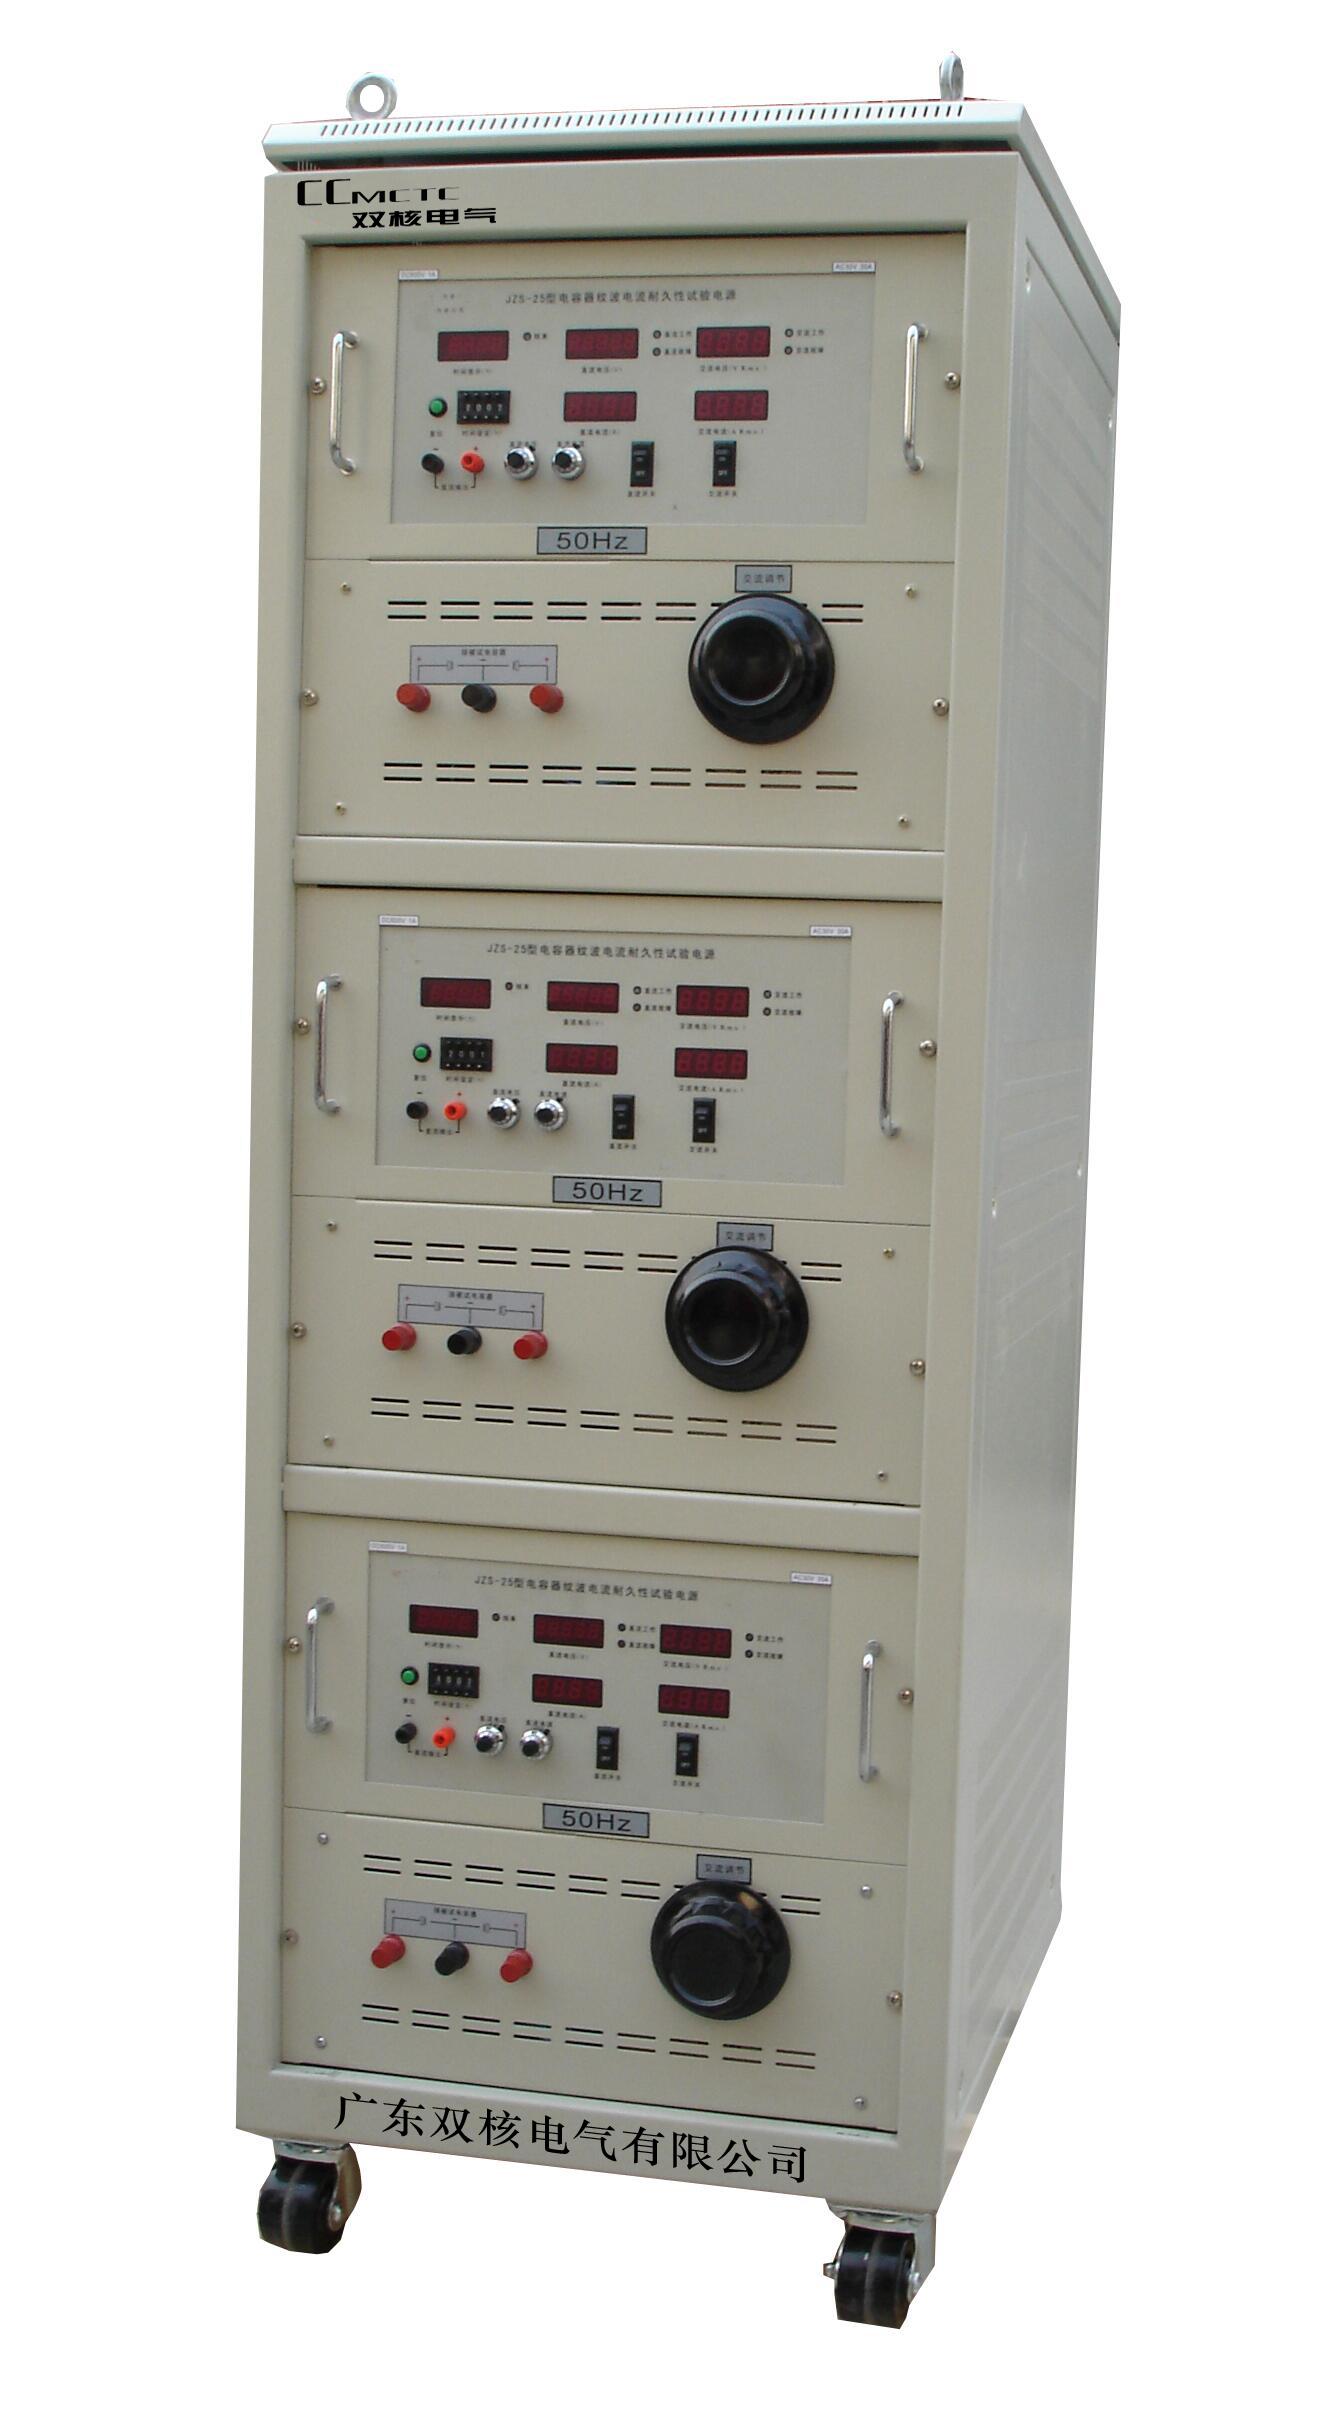 OXUSPWD2B]AV`6(1FA$RGP0J.jpg